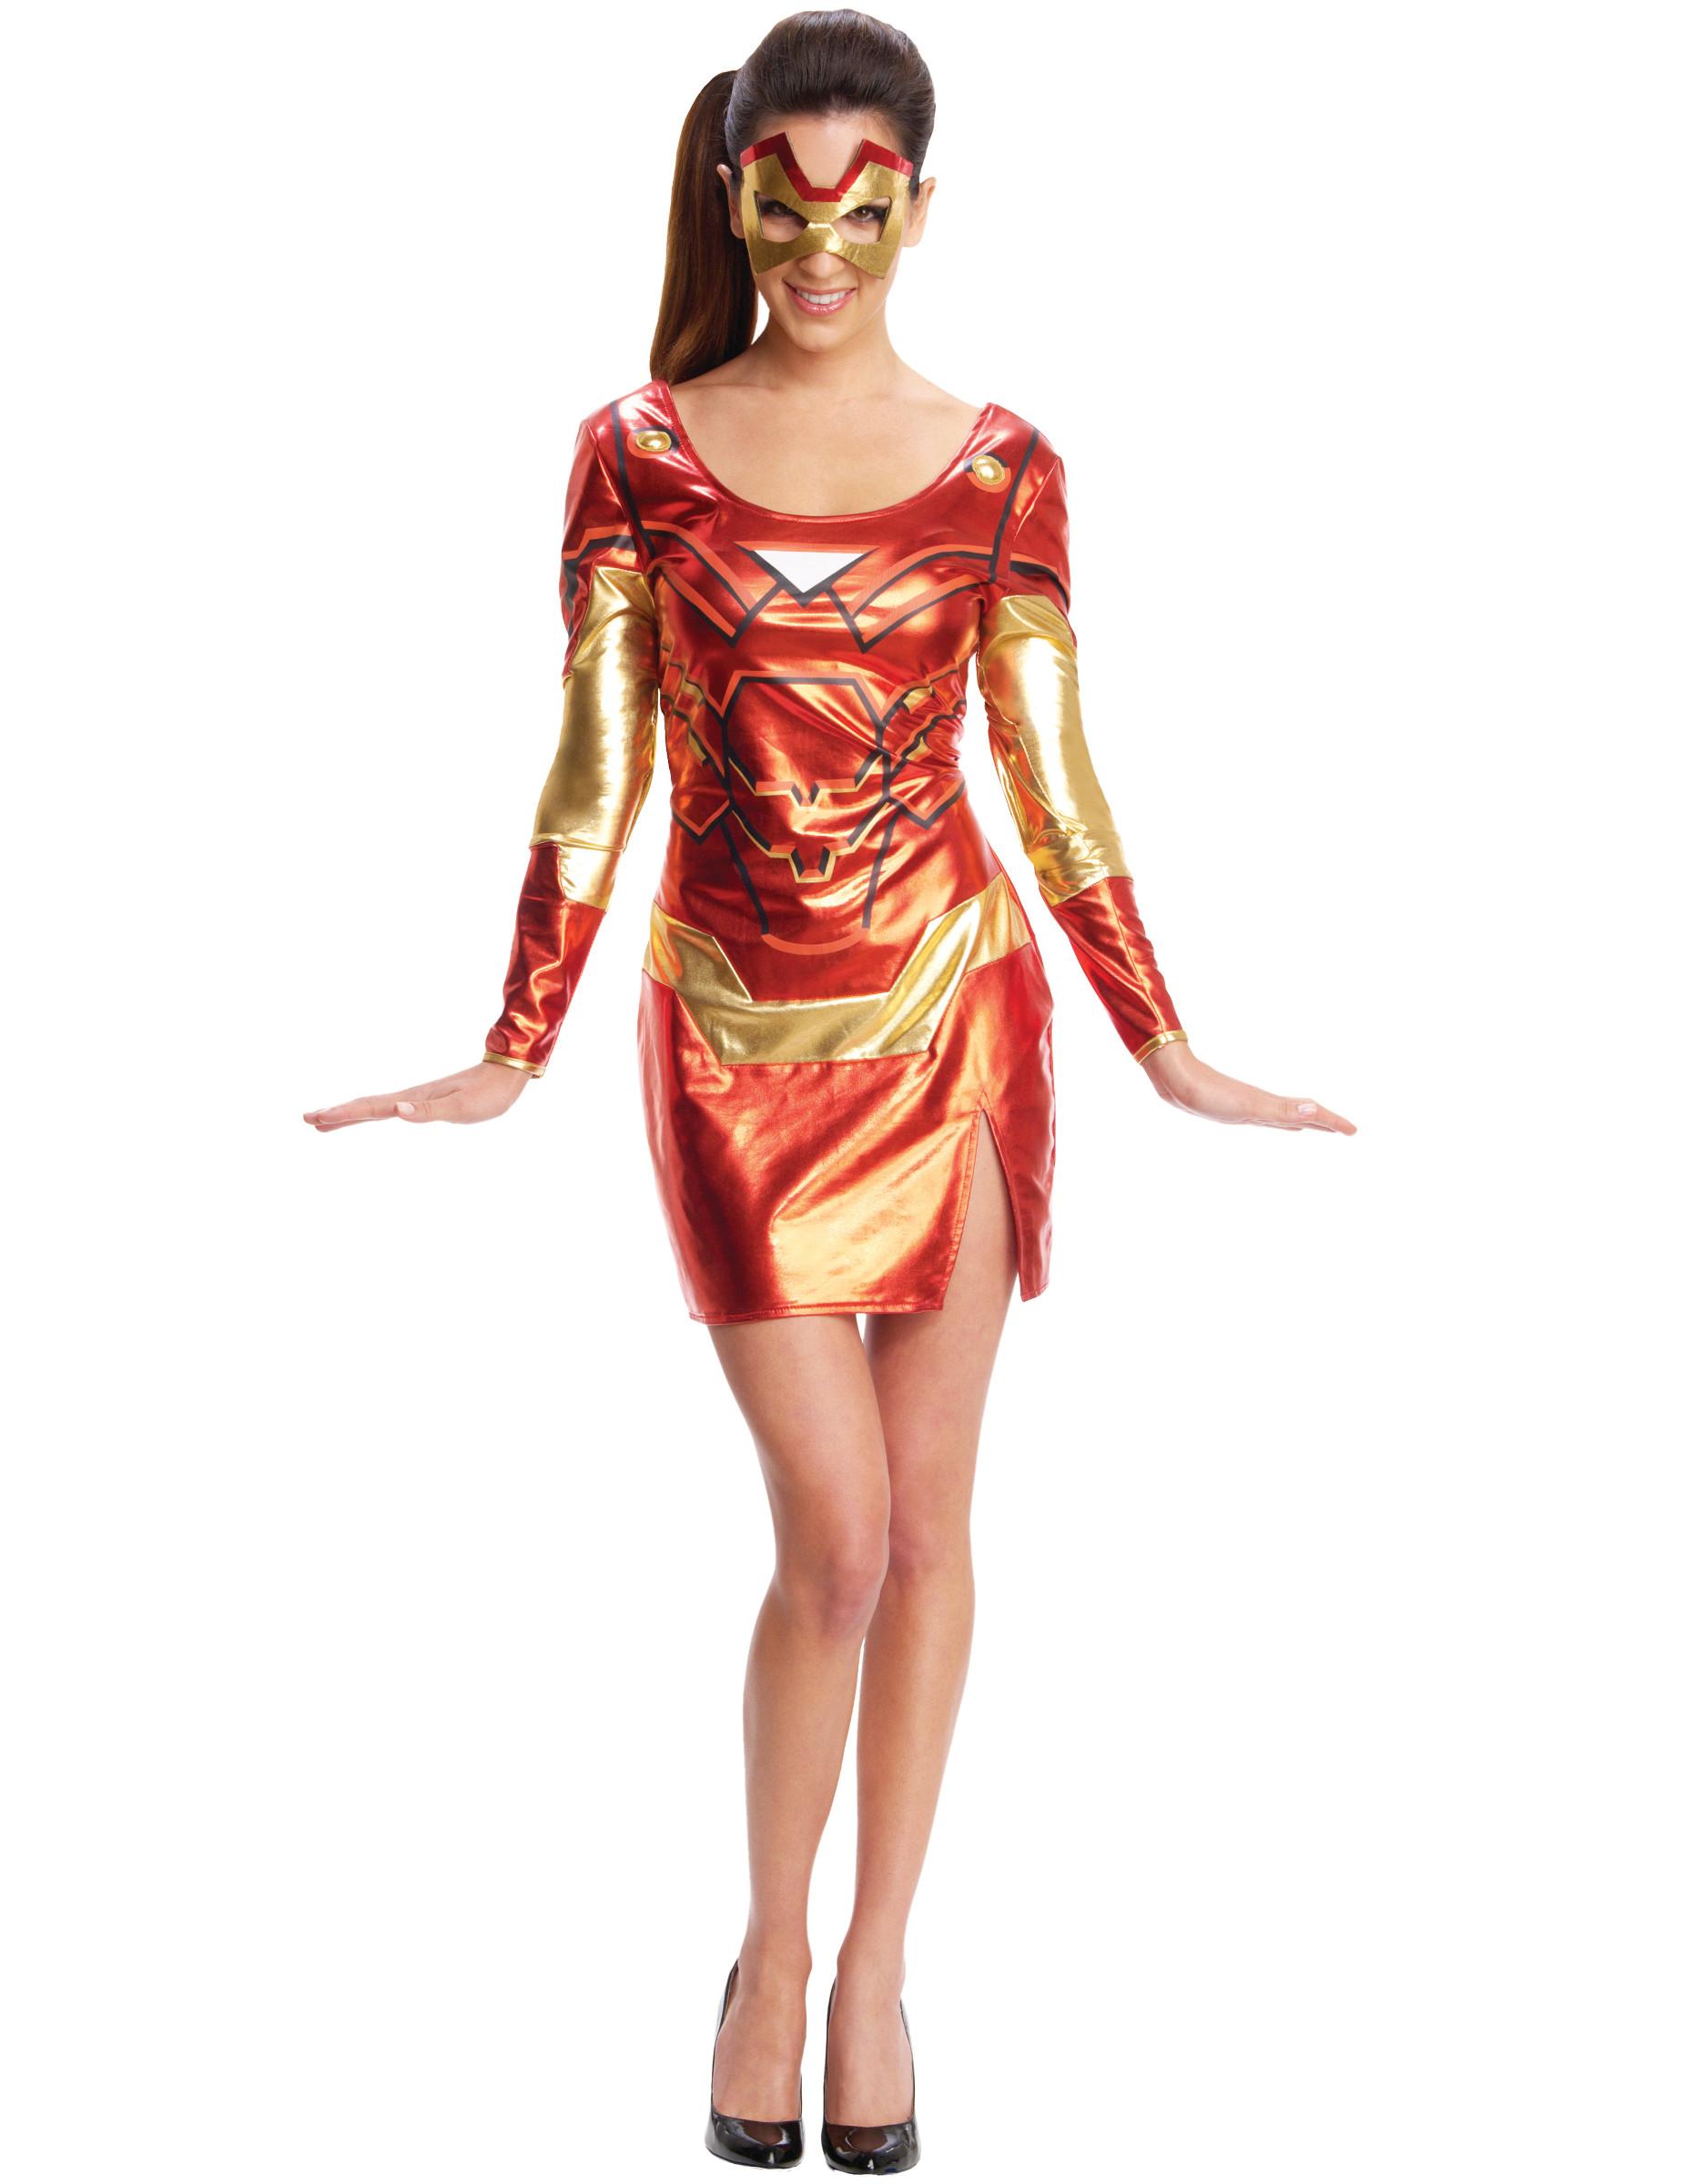 Rode Dames Jurk.Rode En Goudkleurige Iron Girl Jurk Met Masker Voor Dames